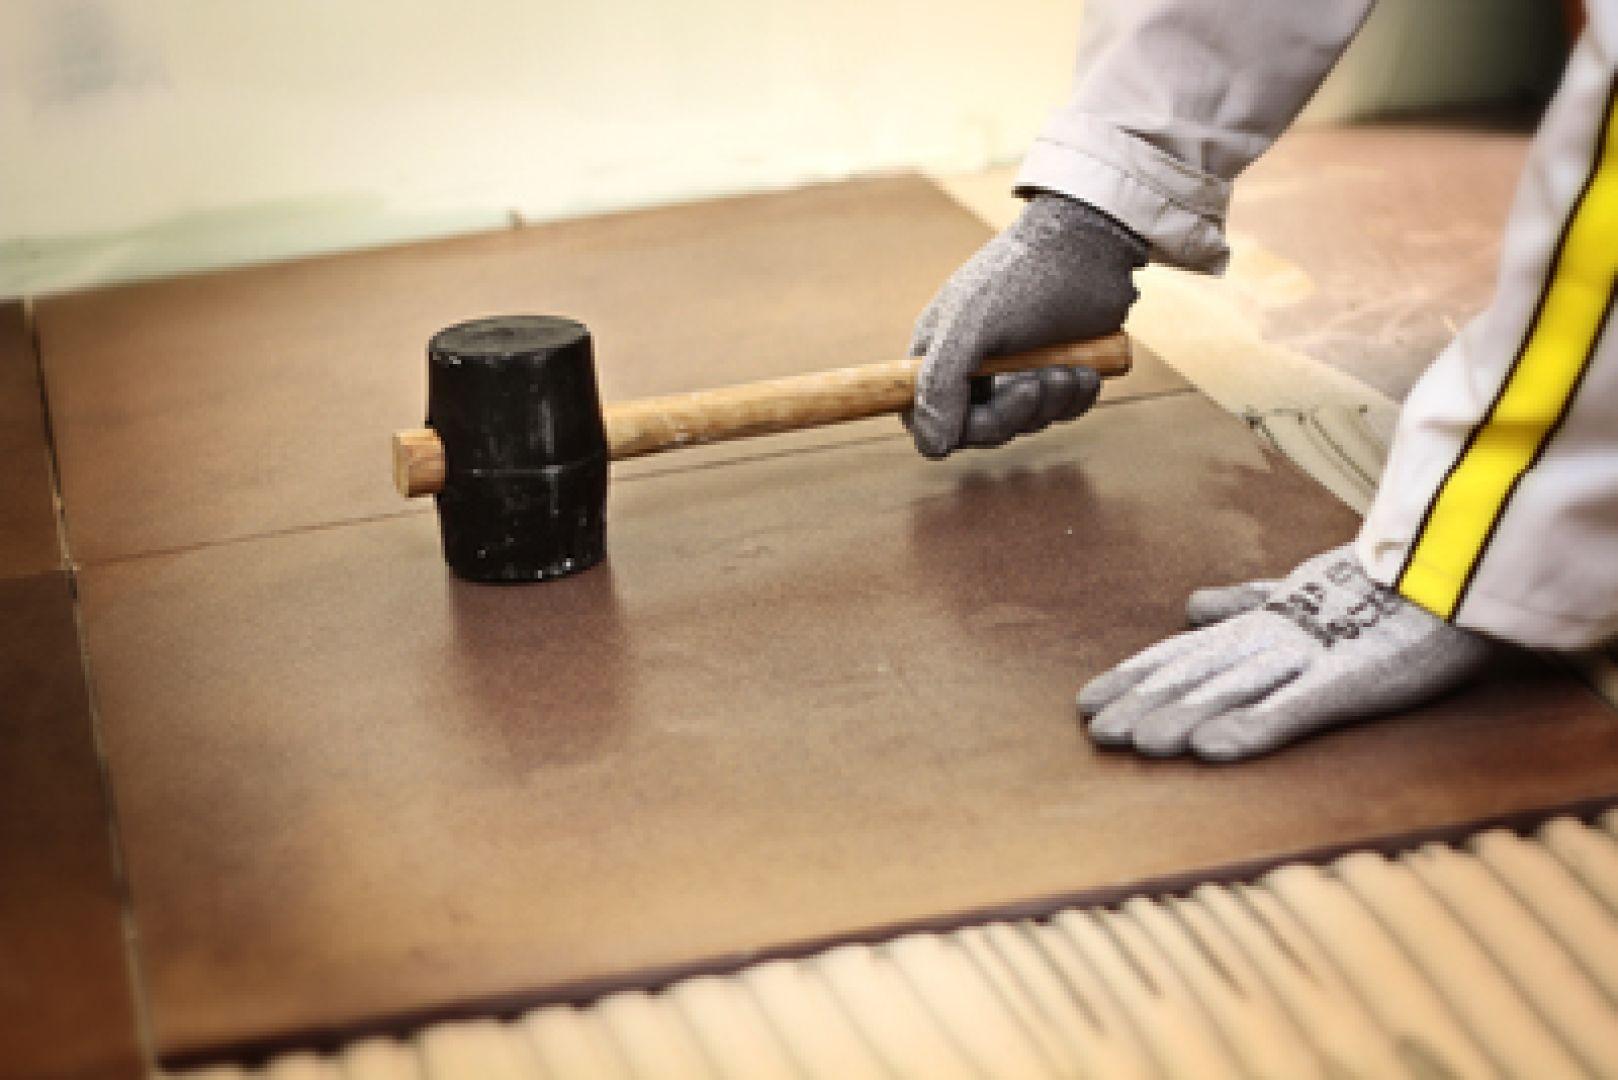 dùng búa chuyên dụng ốp gạch lên trên lớp keo dán gạch